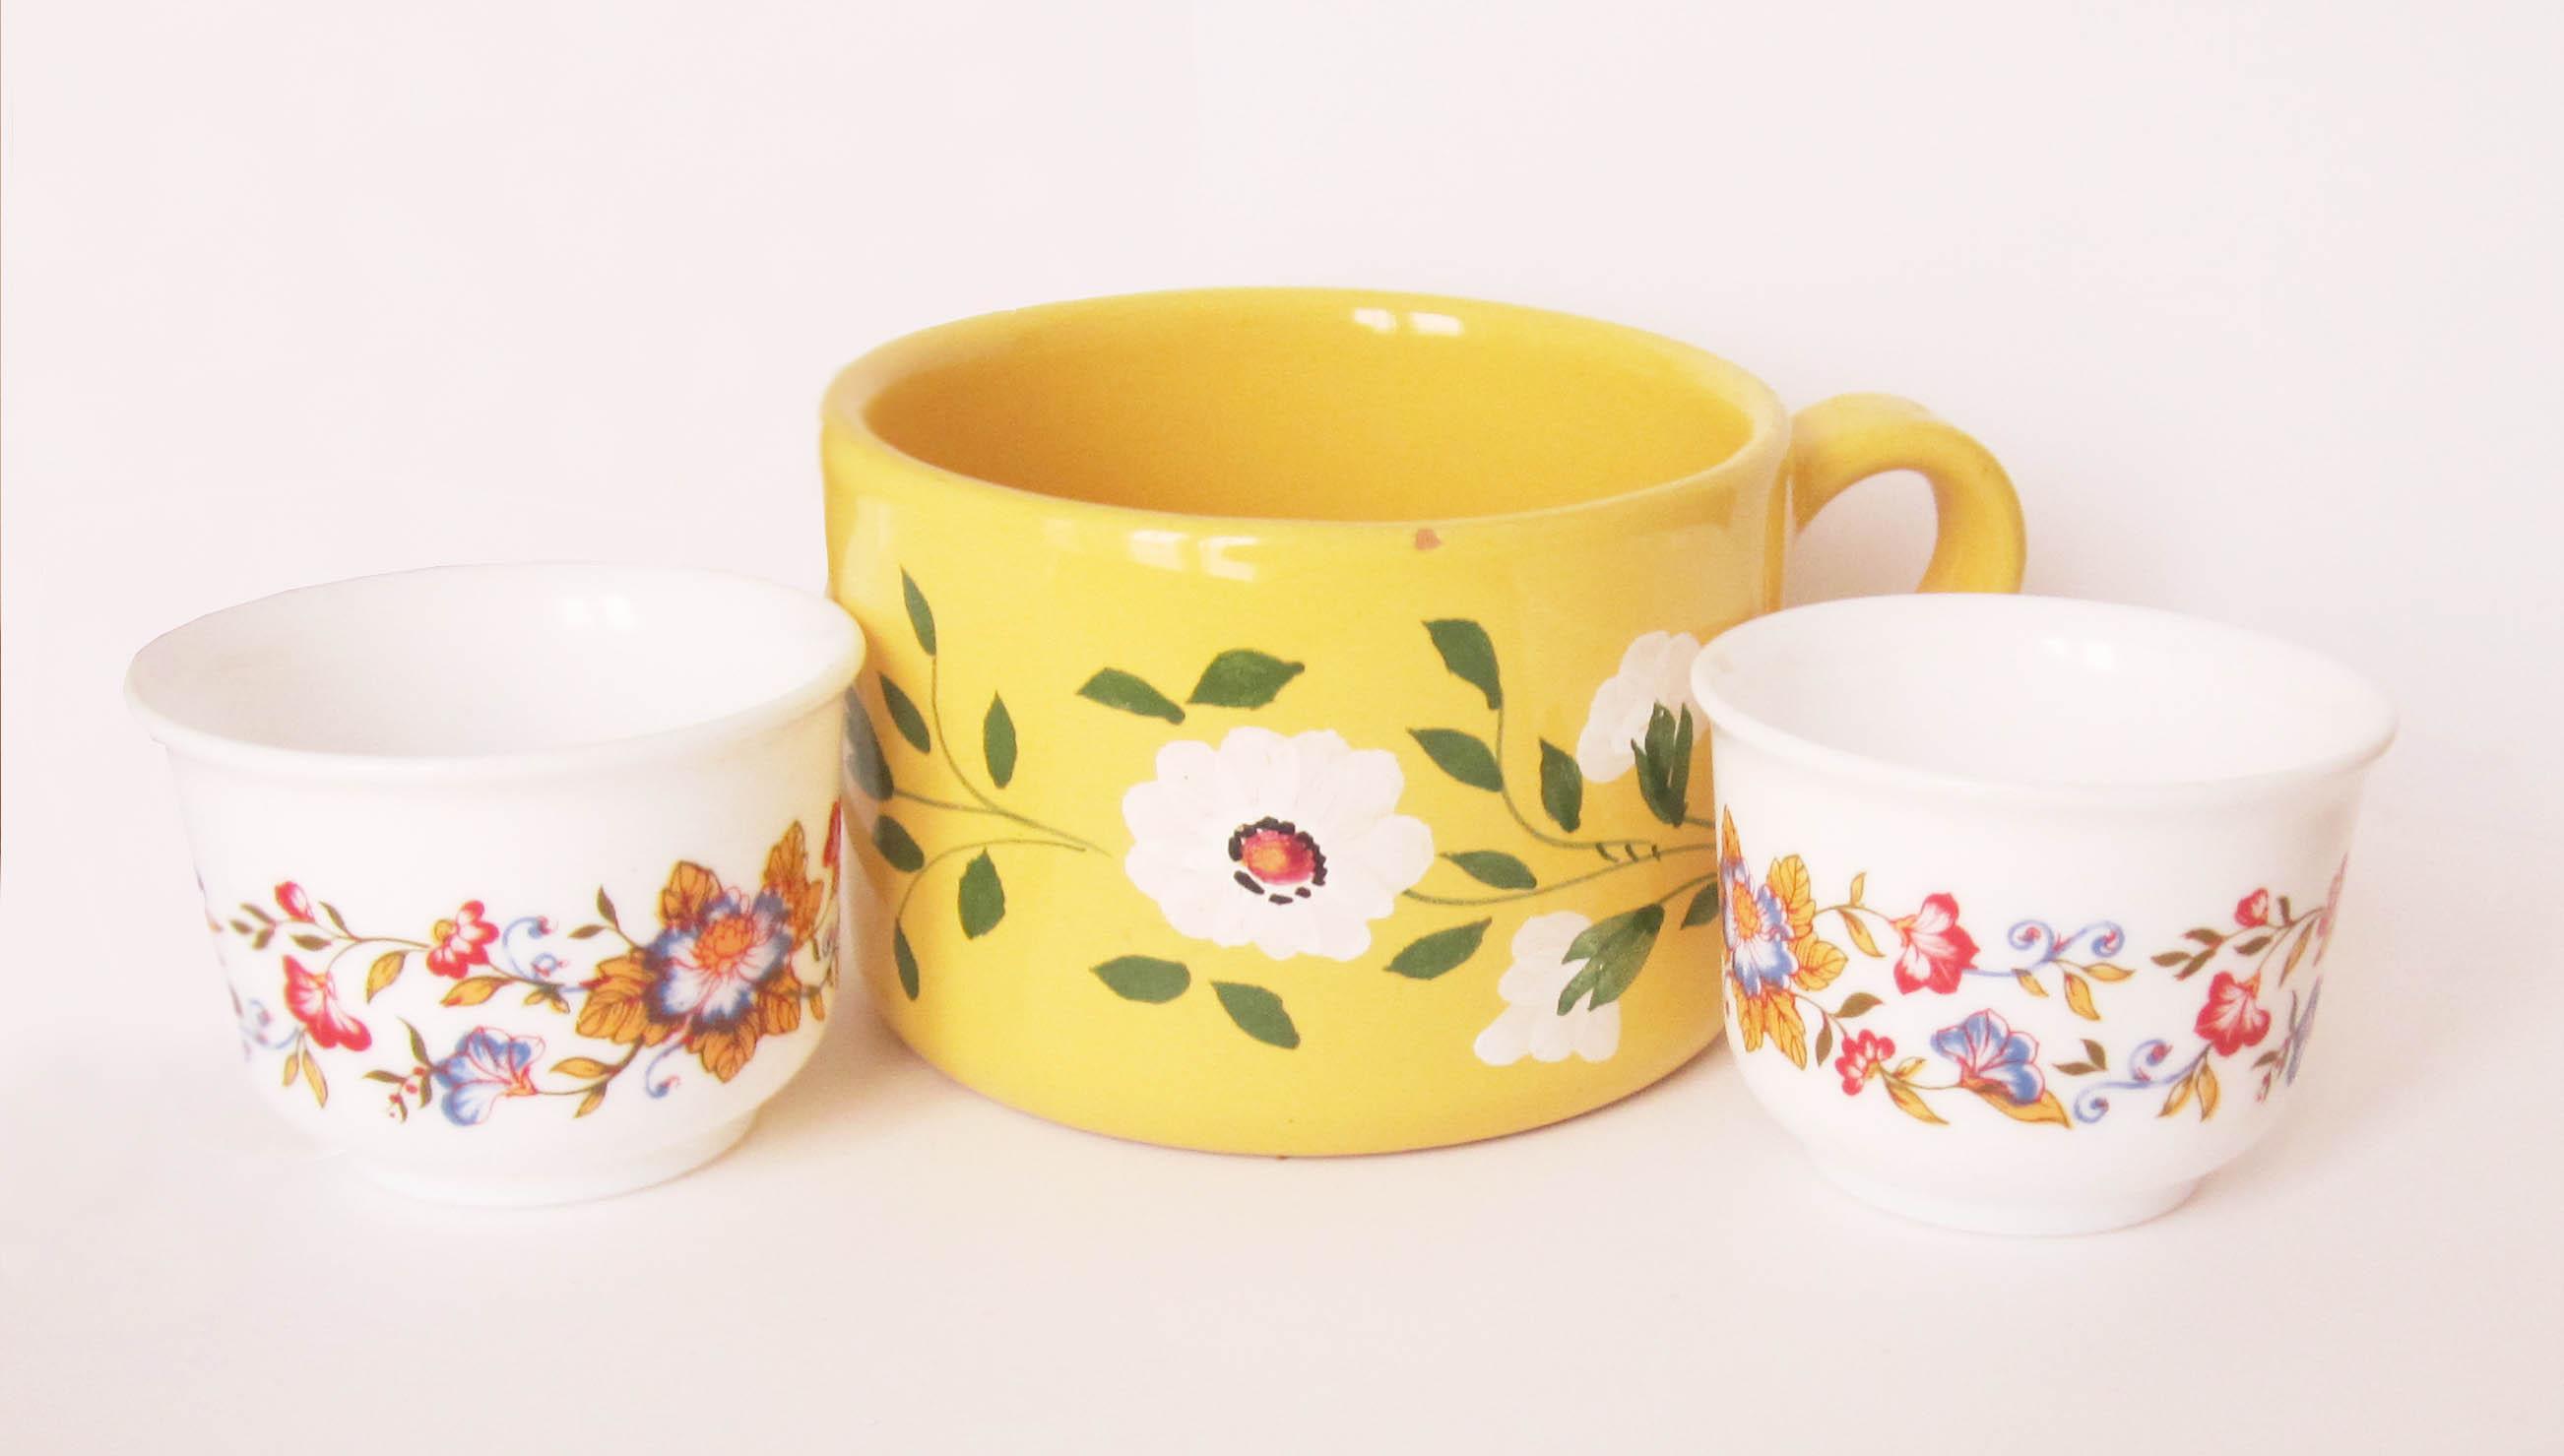 tazze nonna granny cup